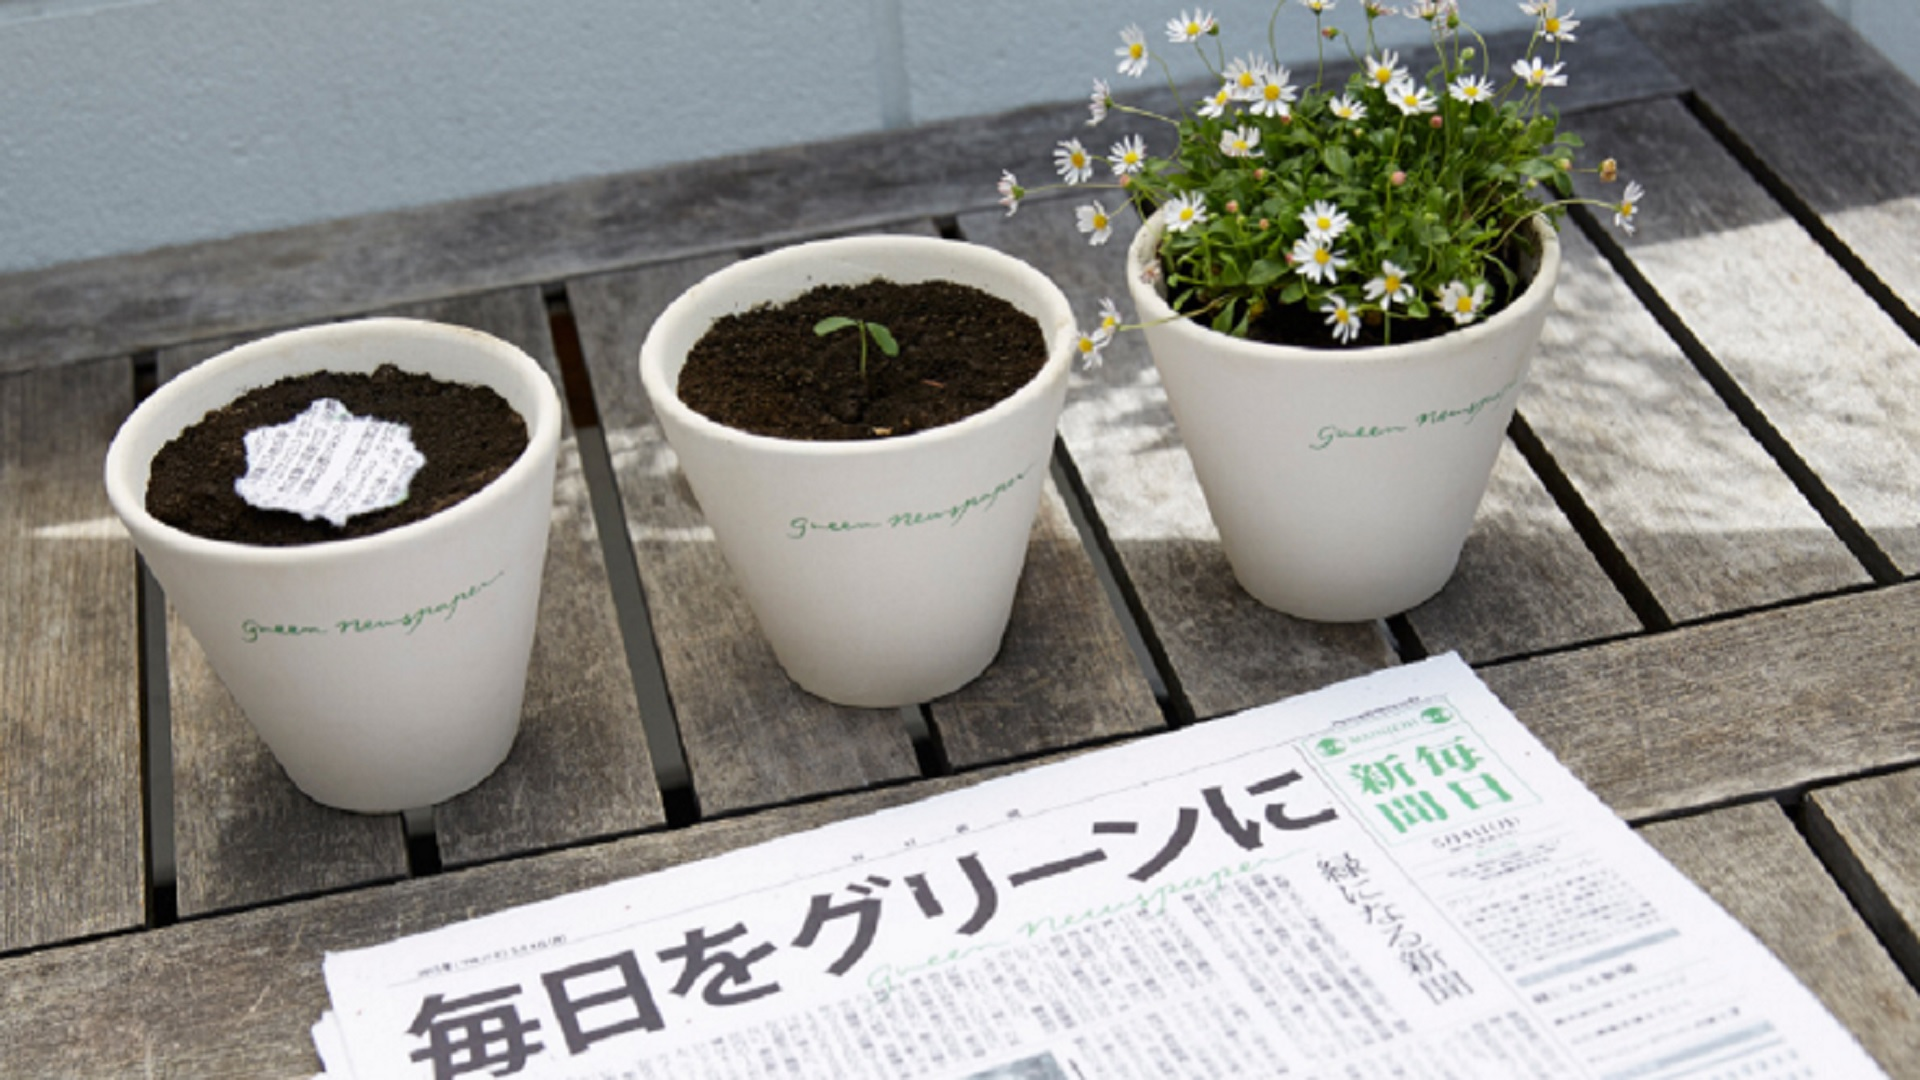 giornale-che-si-pianta